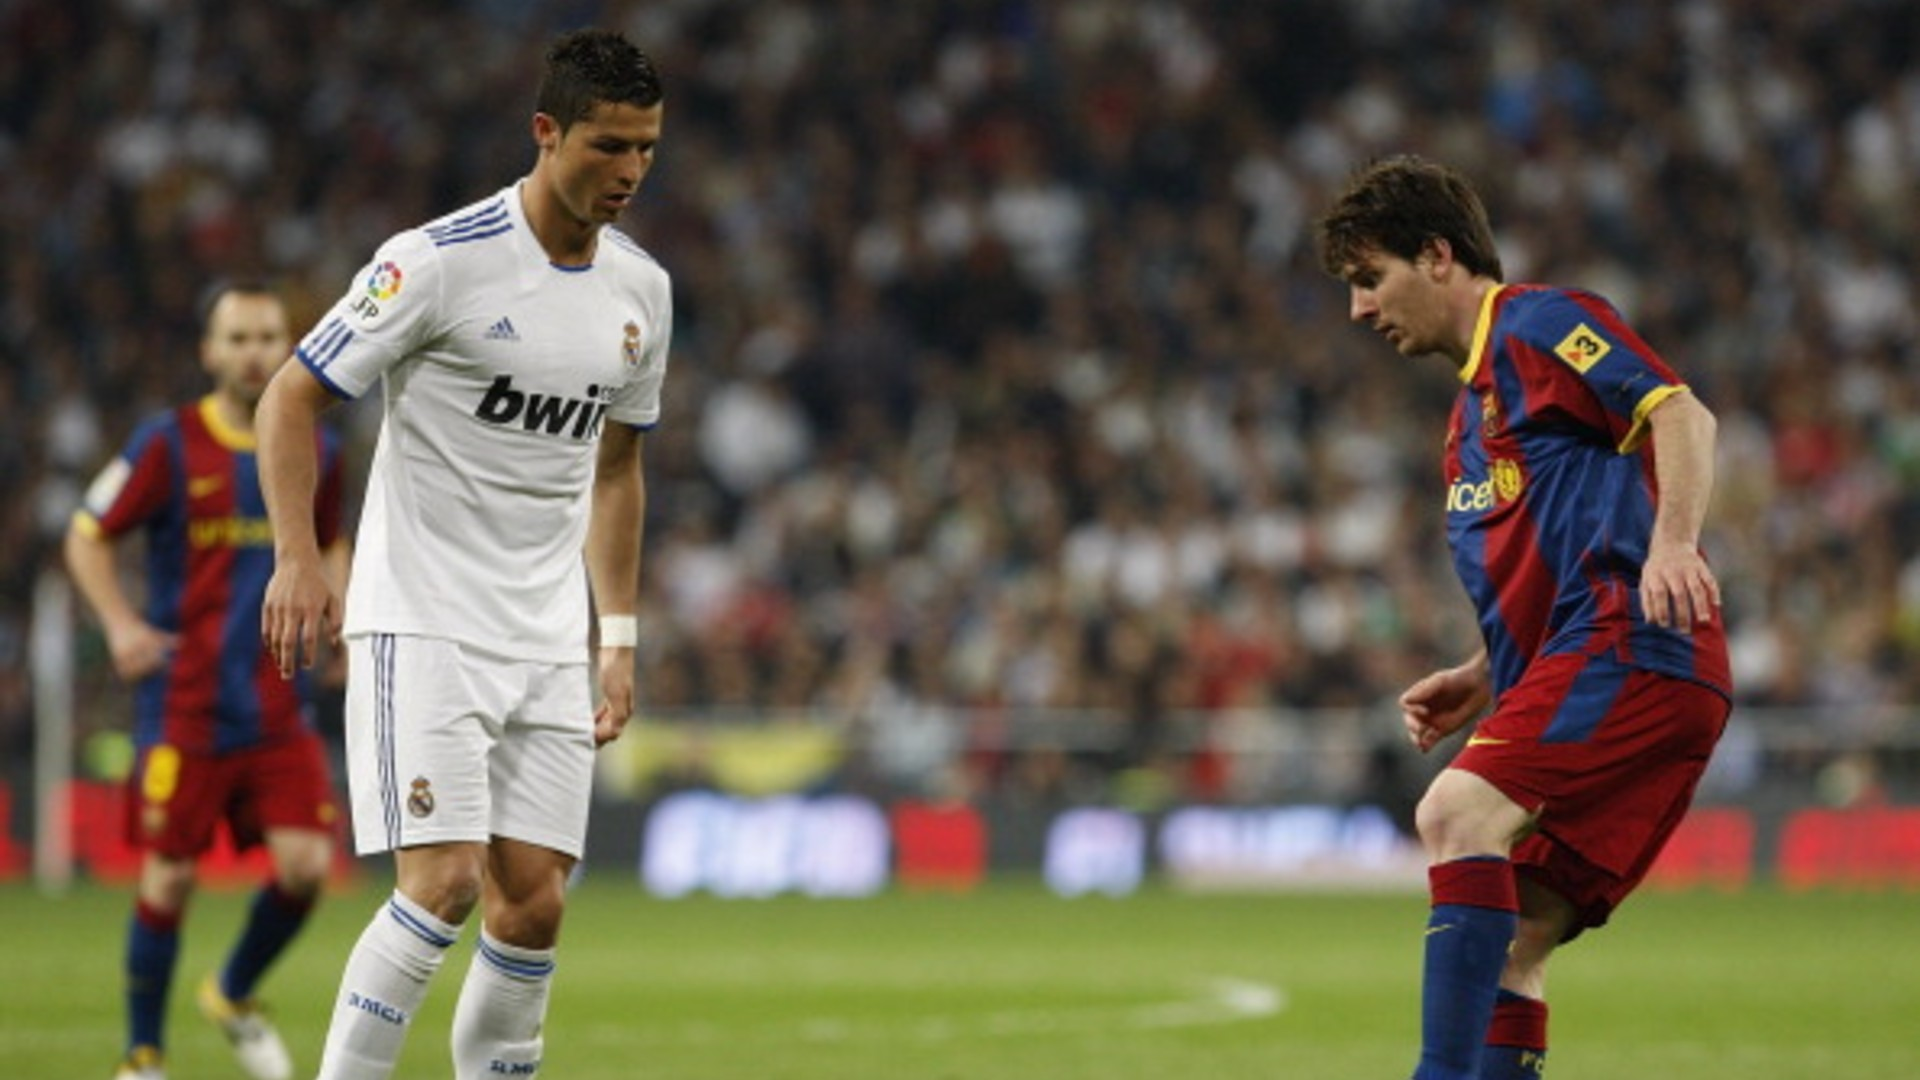 Lionel Messi vs Cristiano Ronaldo - Who has better stats in El Clasicos?